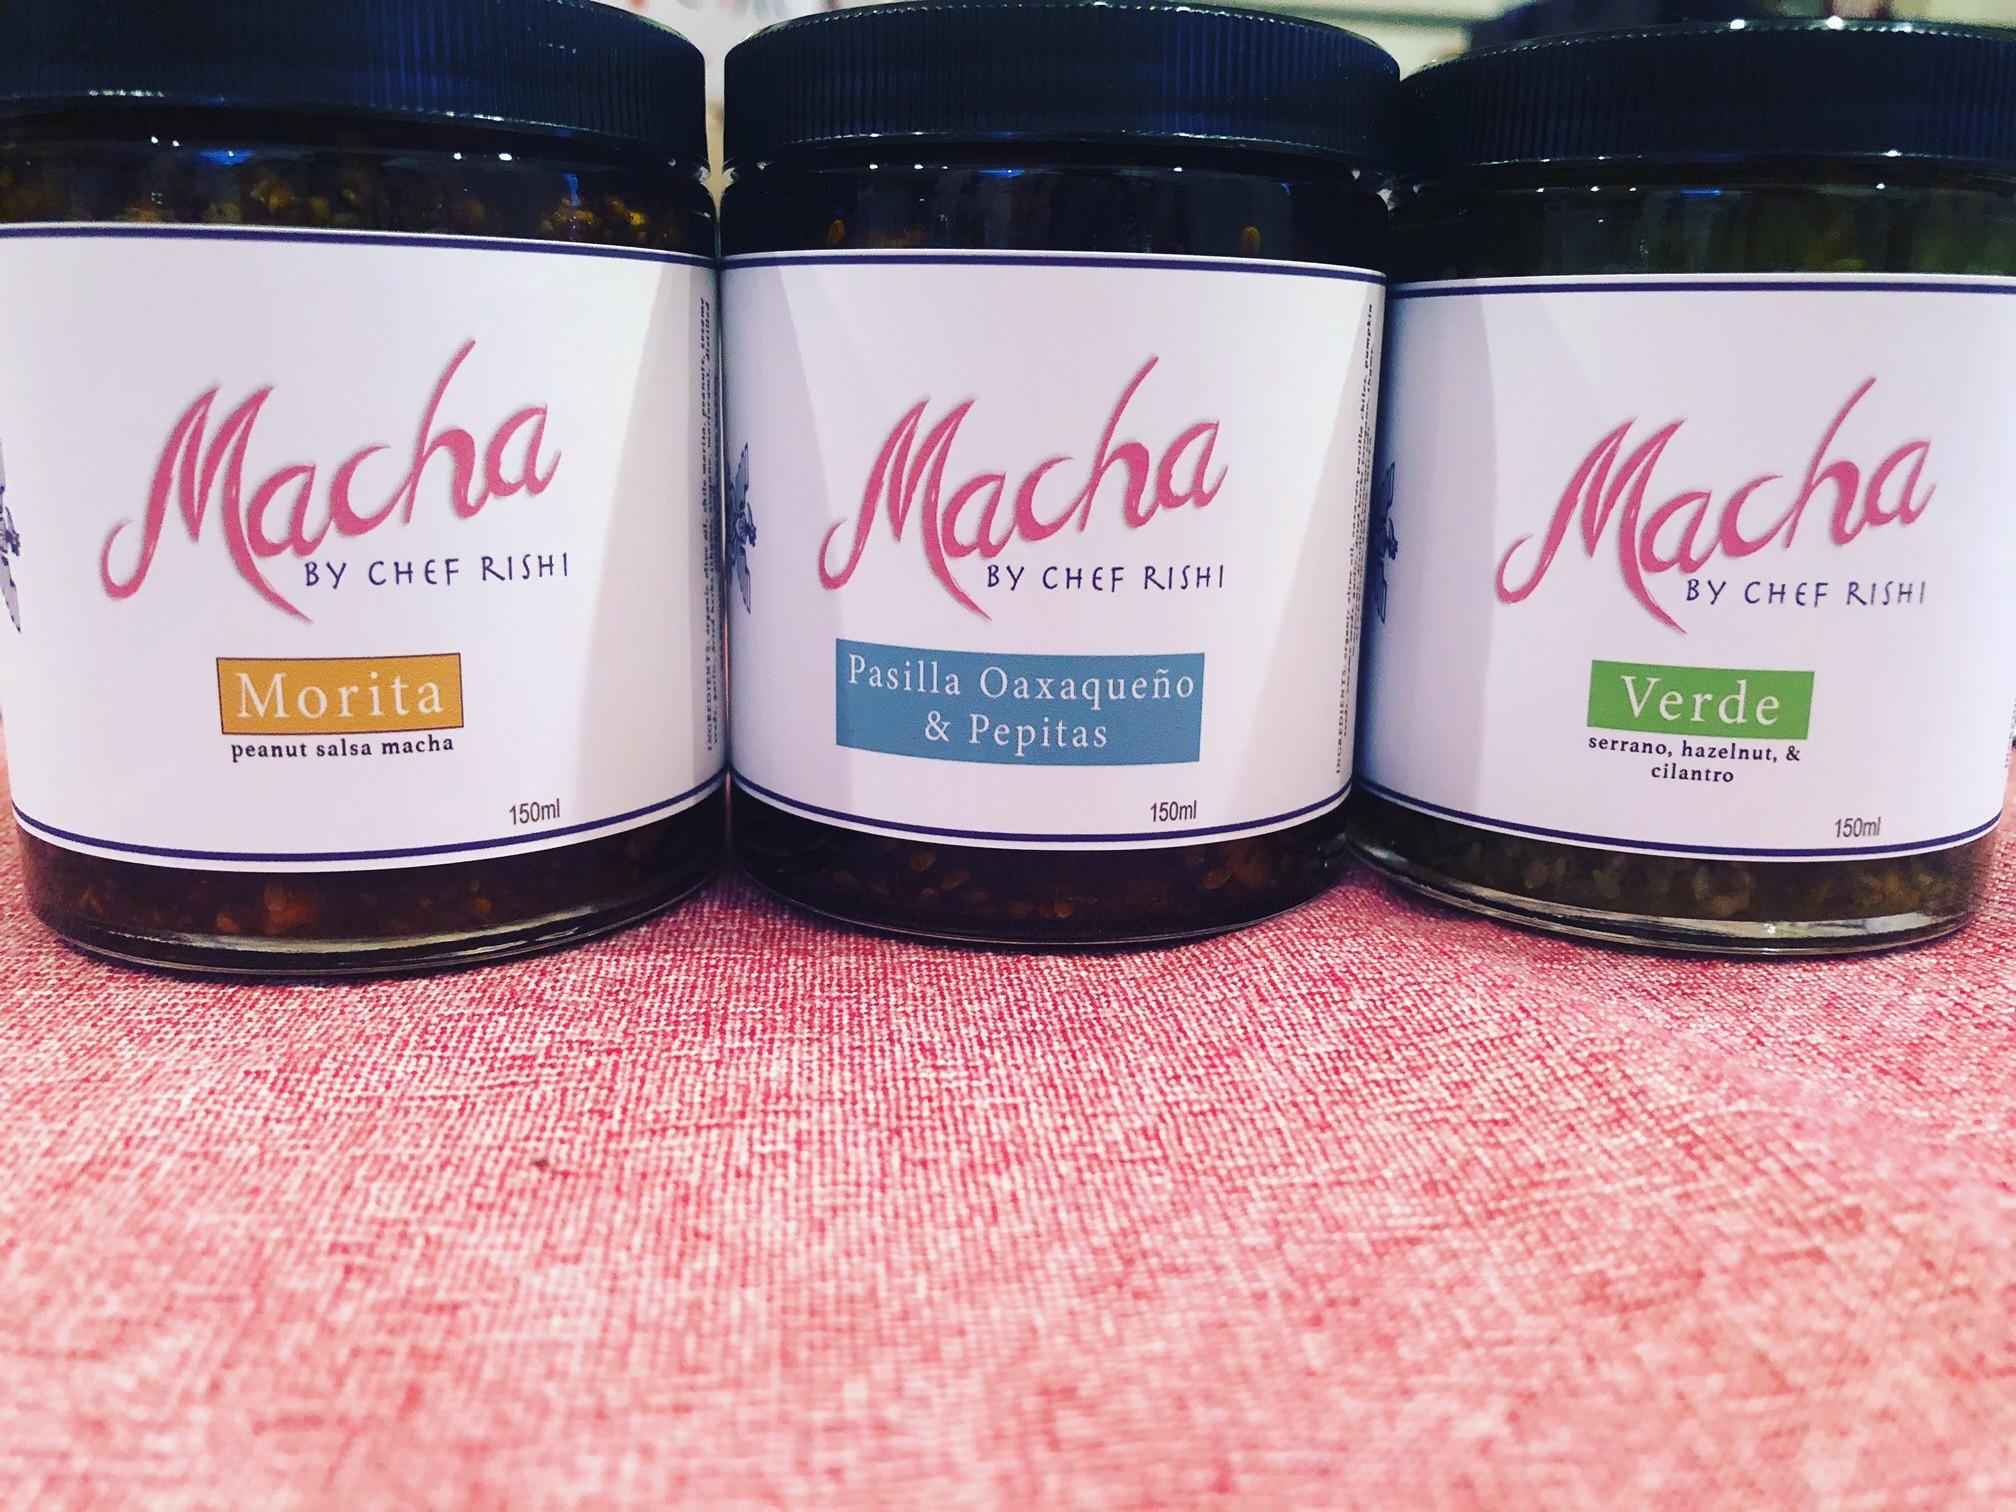 Salsas macha by Chef Rishi